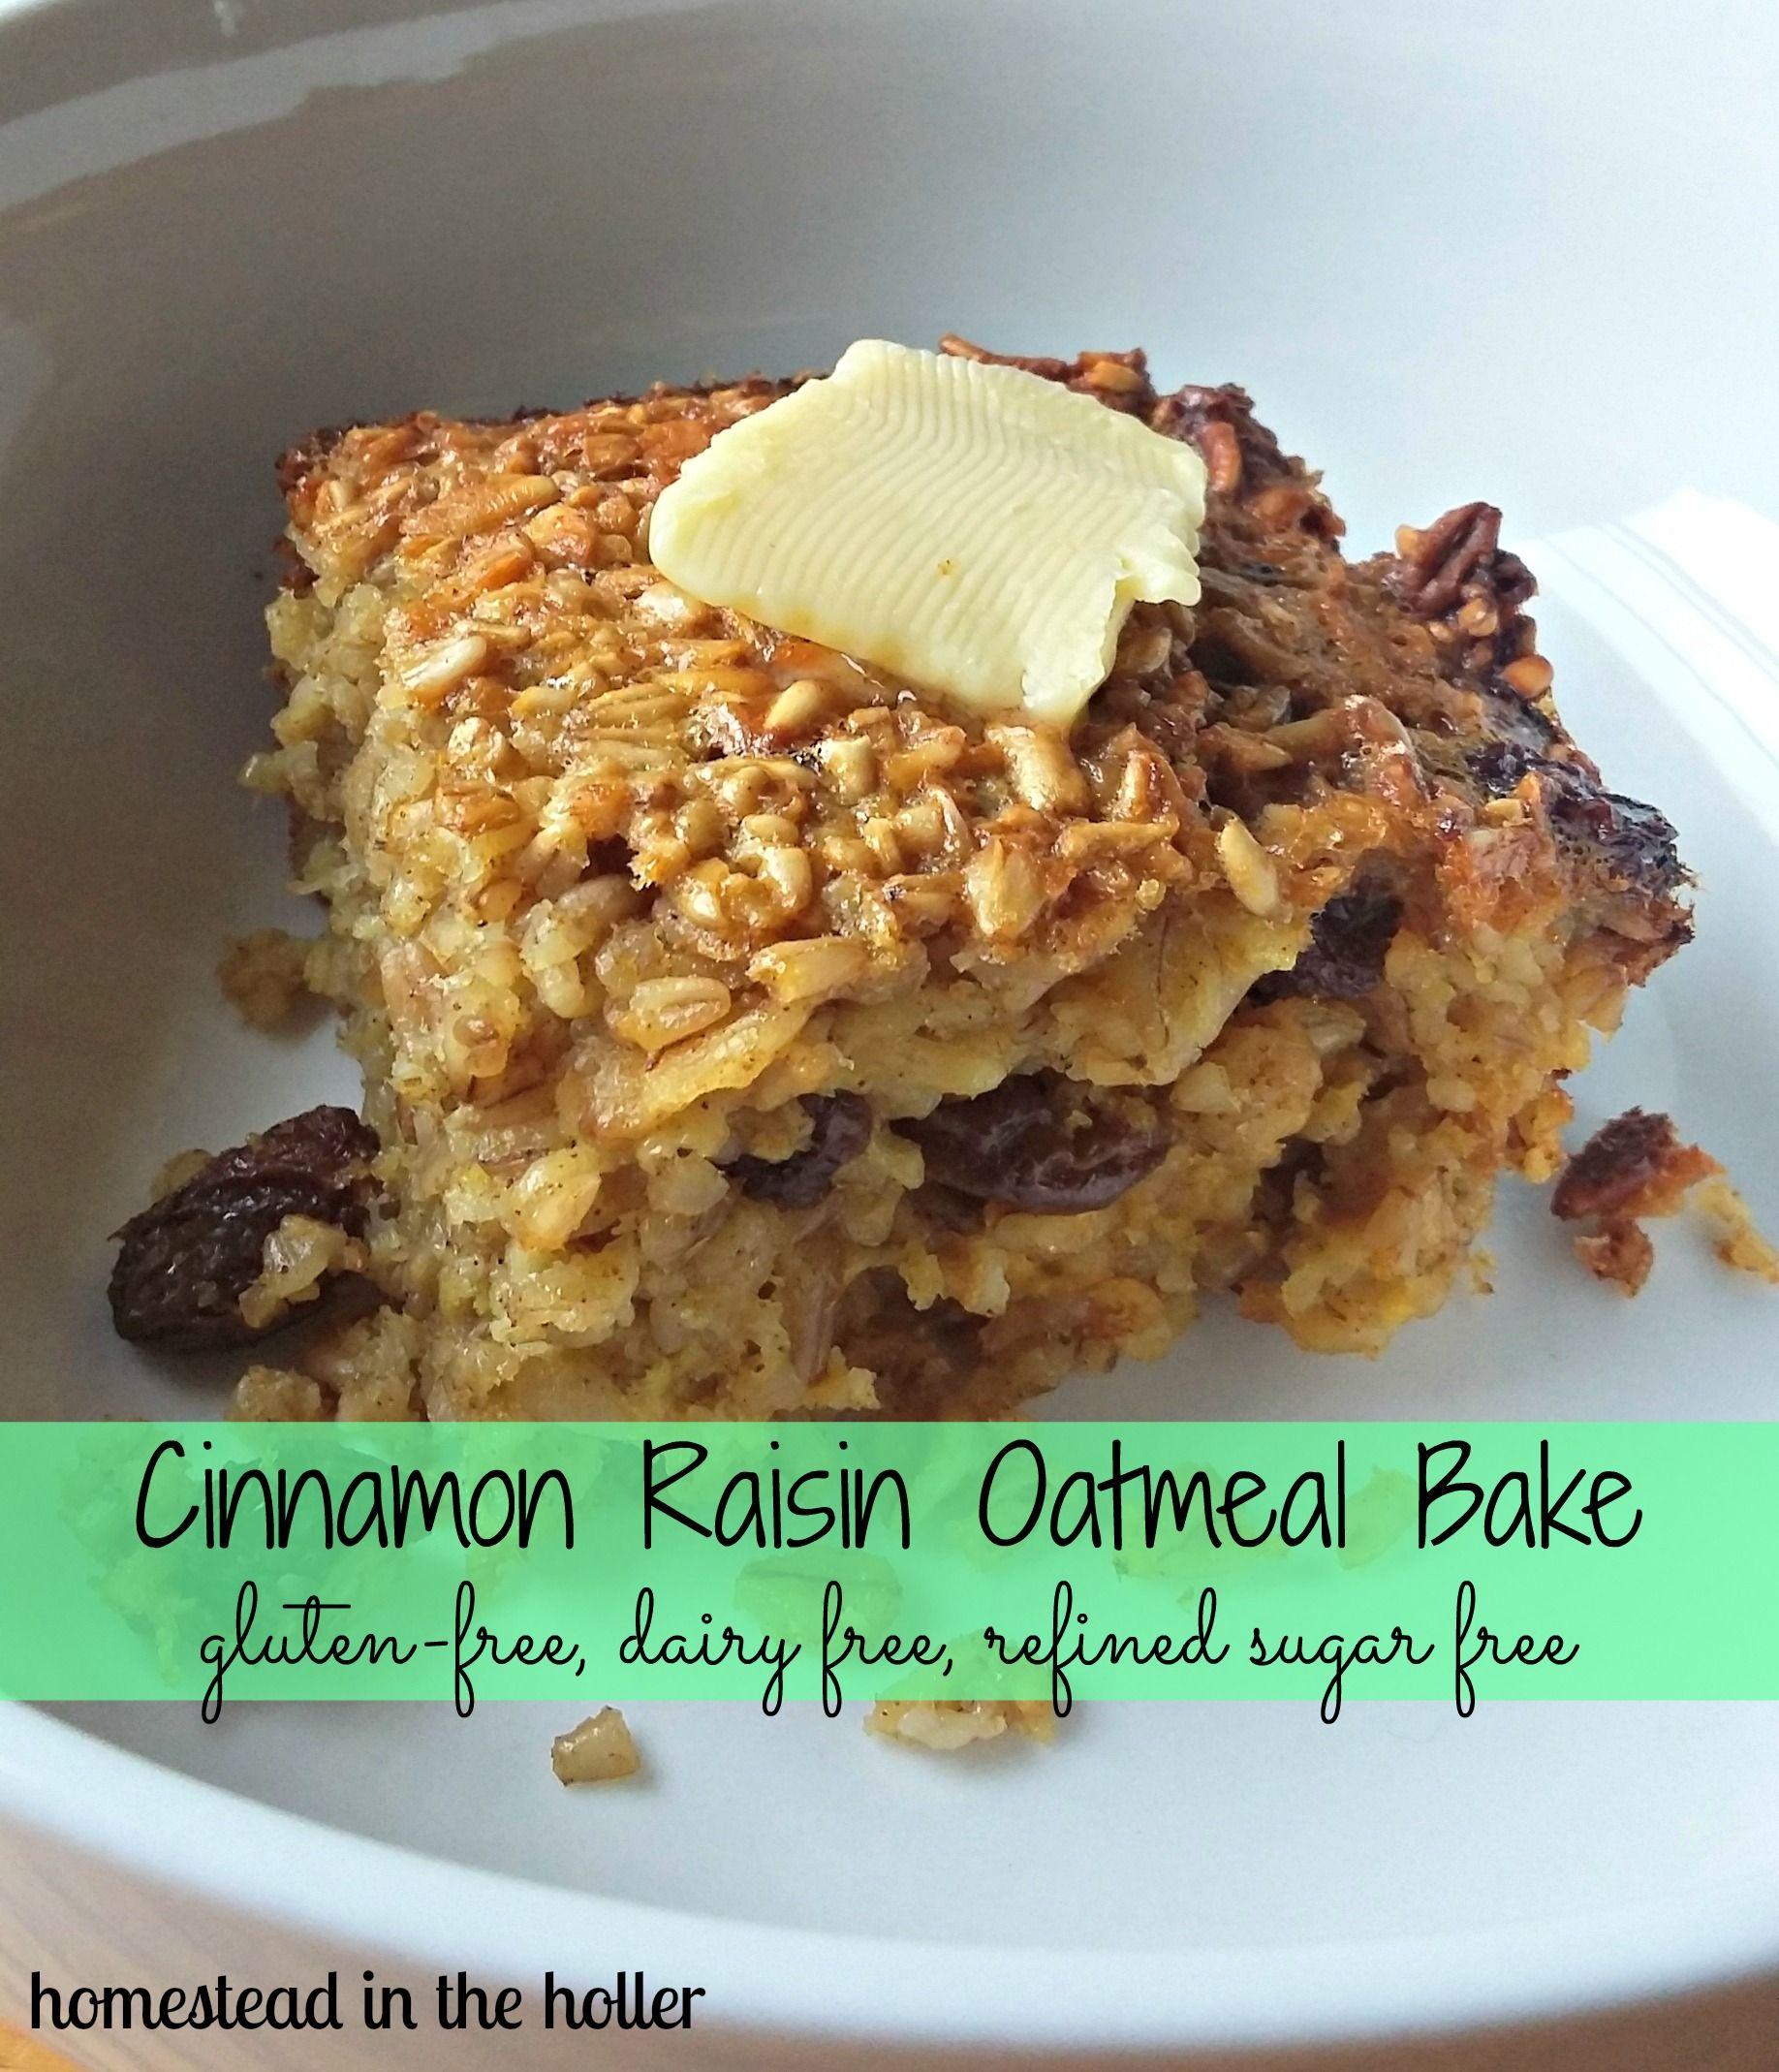 Cinnamon raisin oatmeal bake recipe baked oatmeal